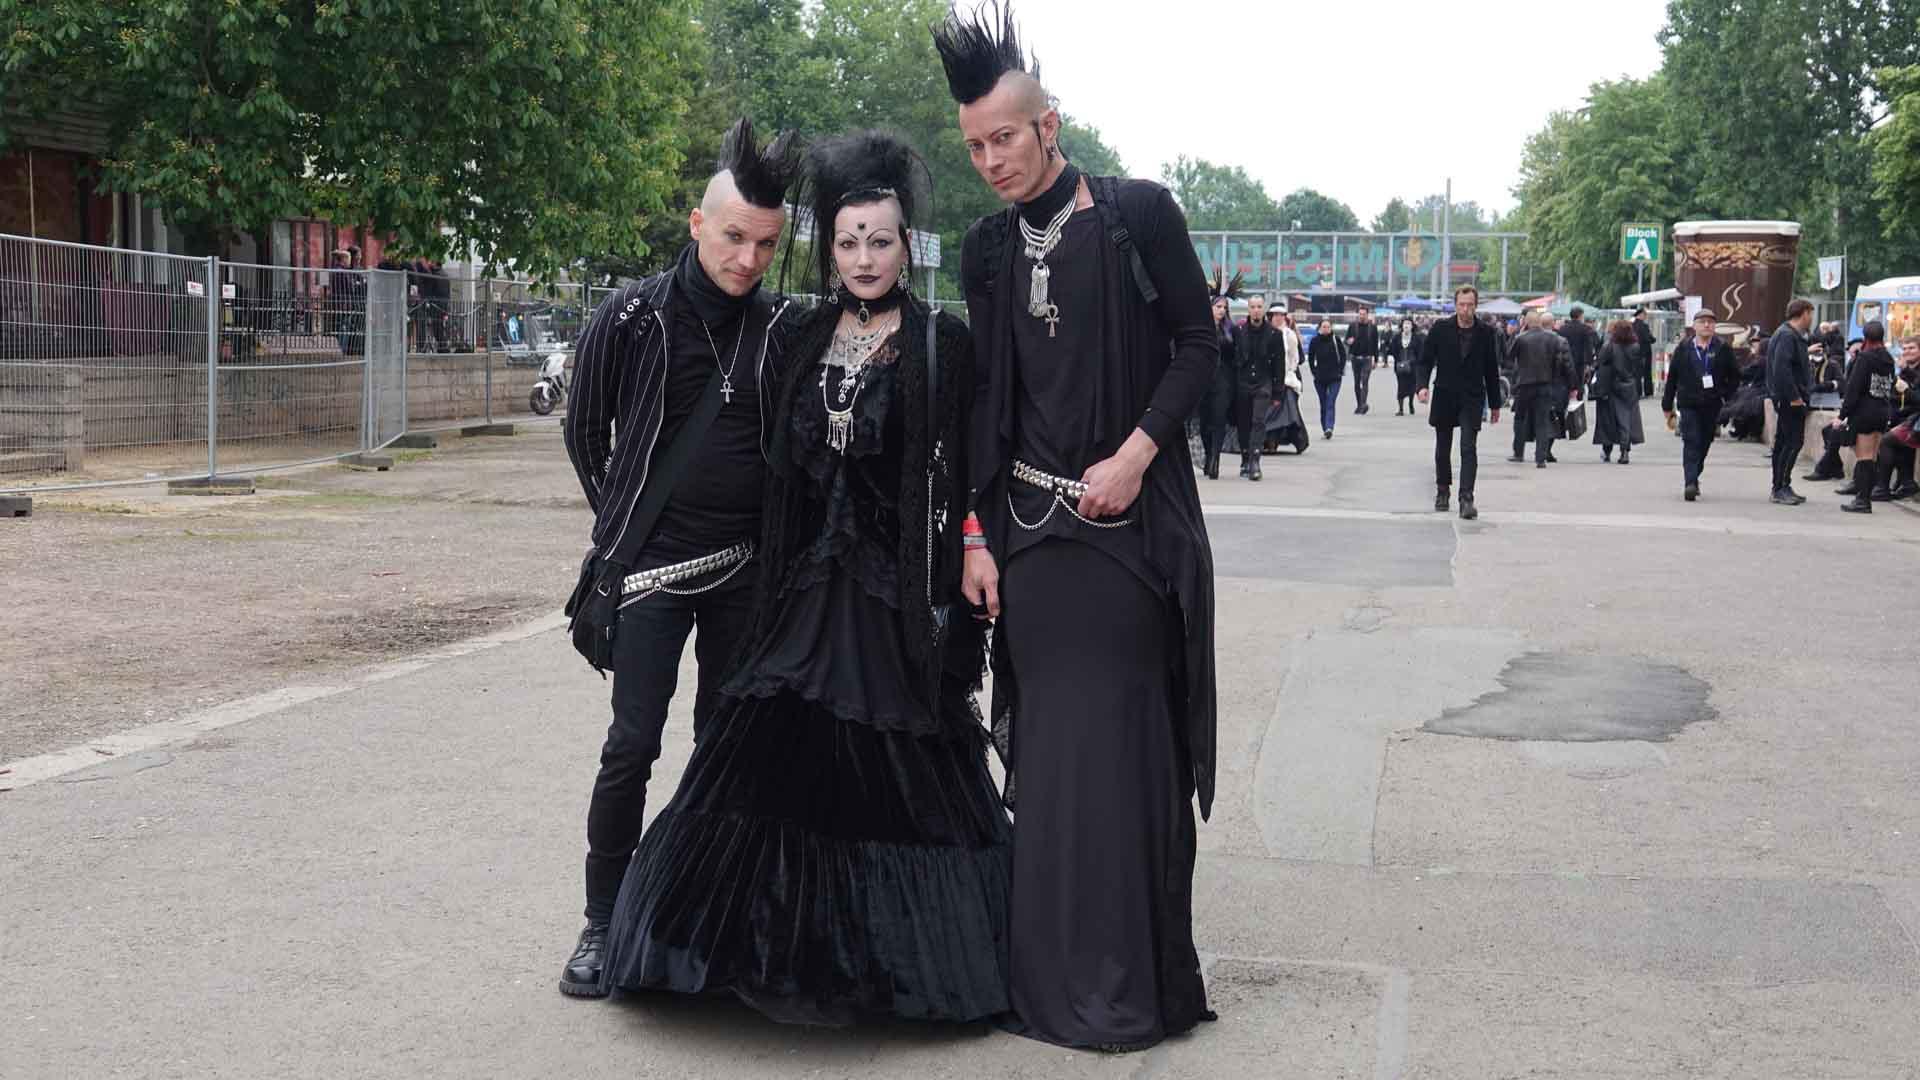 Für ihr Outfit investieren die Besucher des Festivals teilweise Stunden.